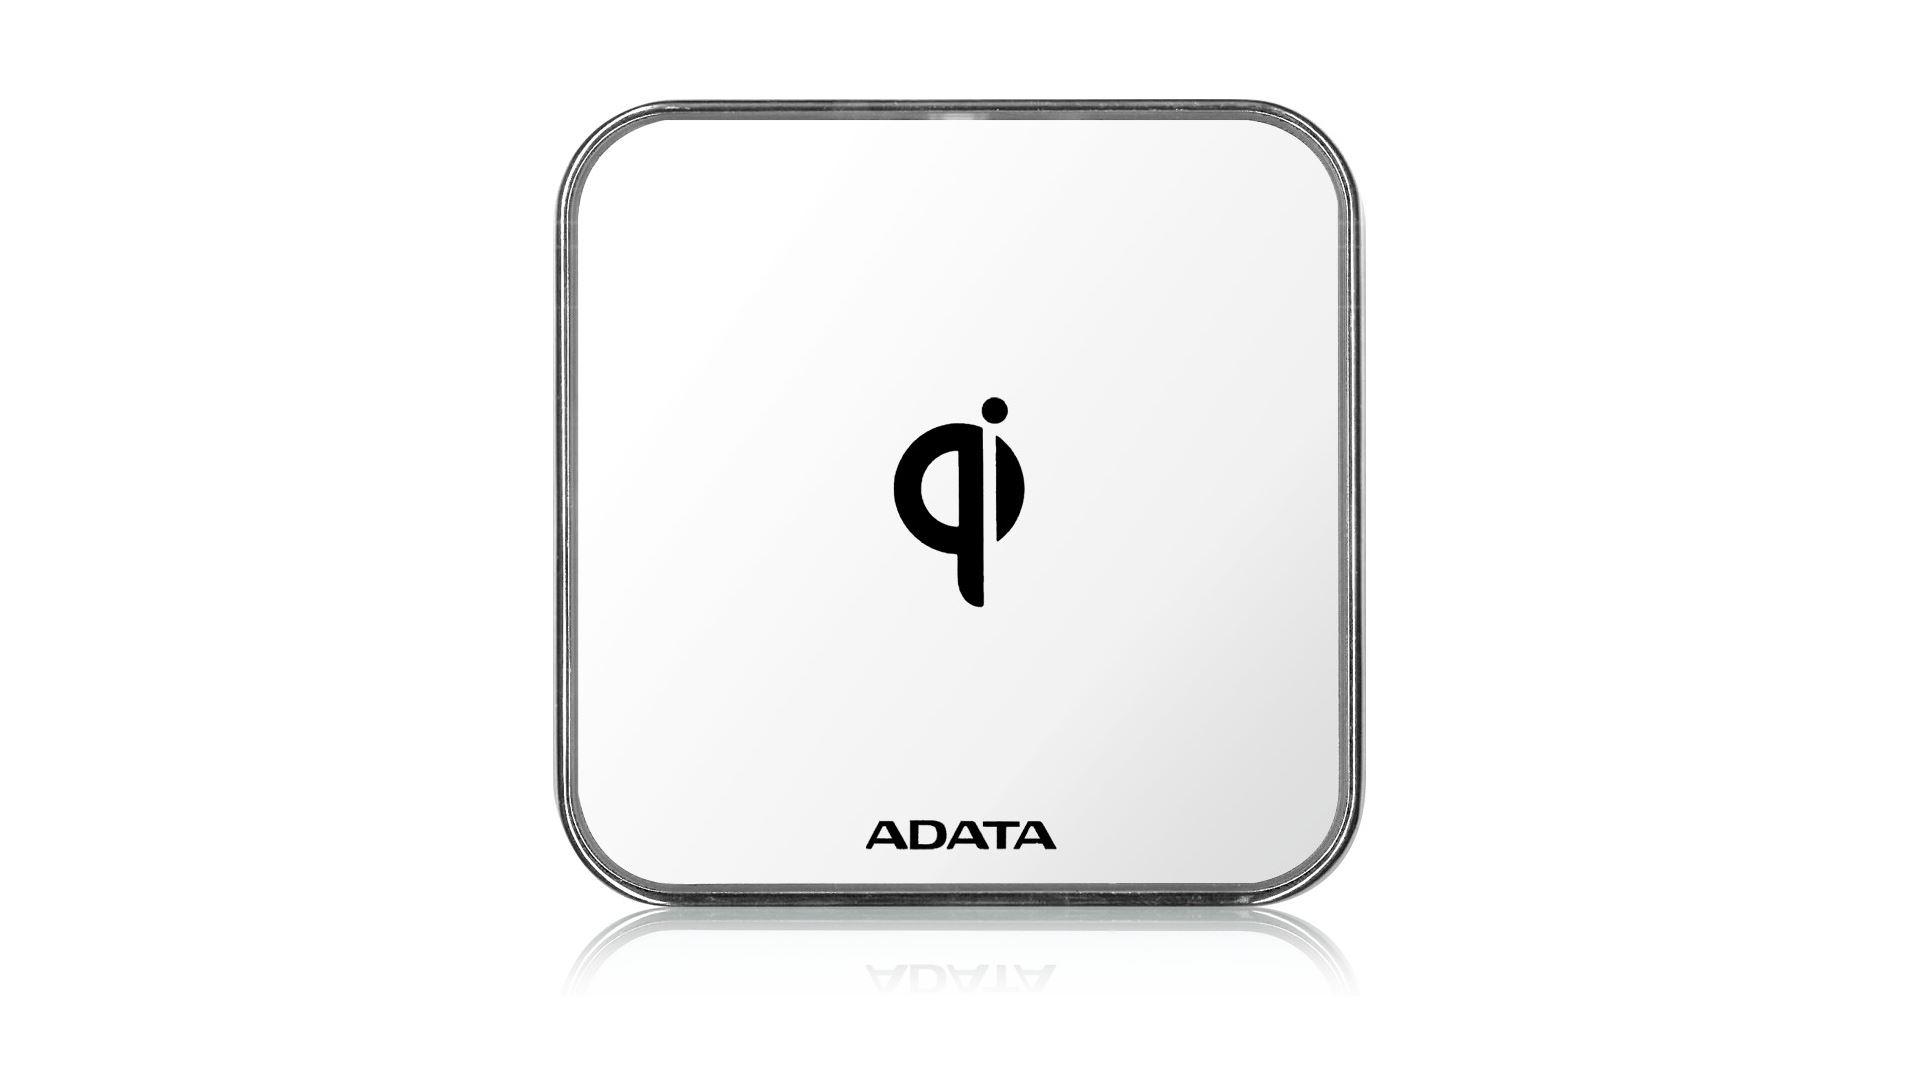 На иллюстрации изображён рендер домашнего робота ADATA с видом сверху